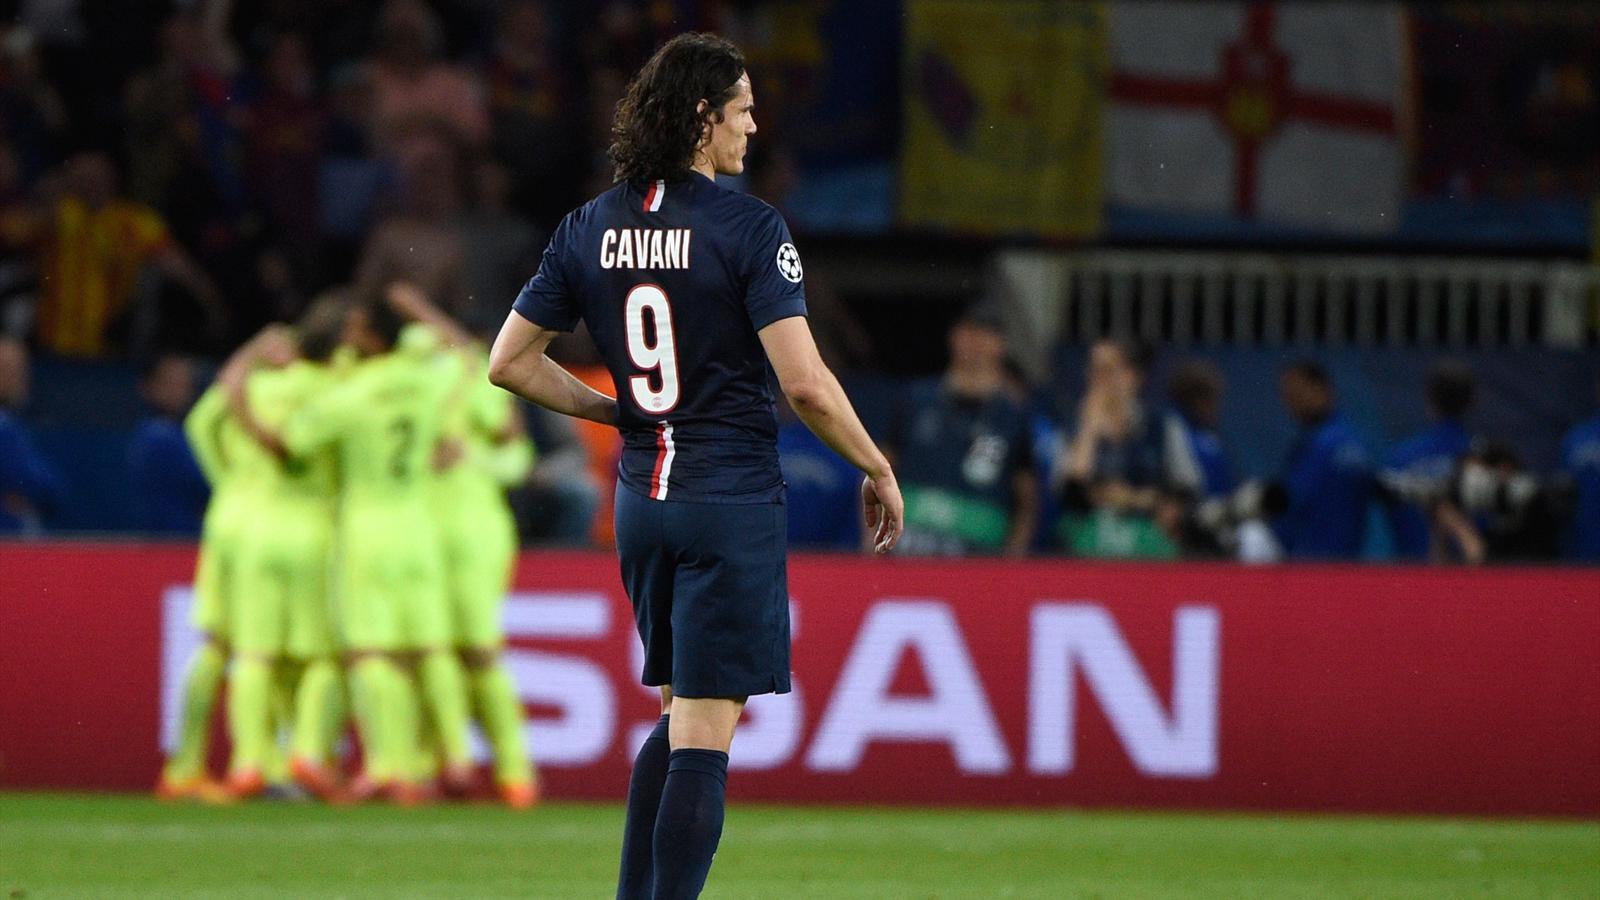 Le transfert de Cavani à la Juventus déjà acté ?